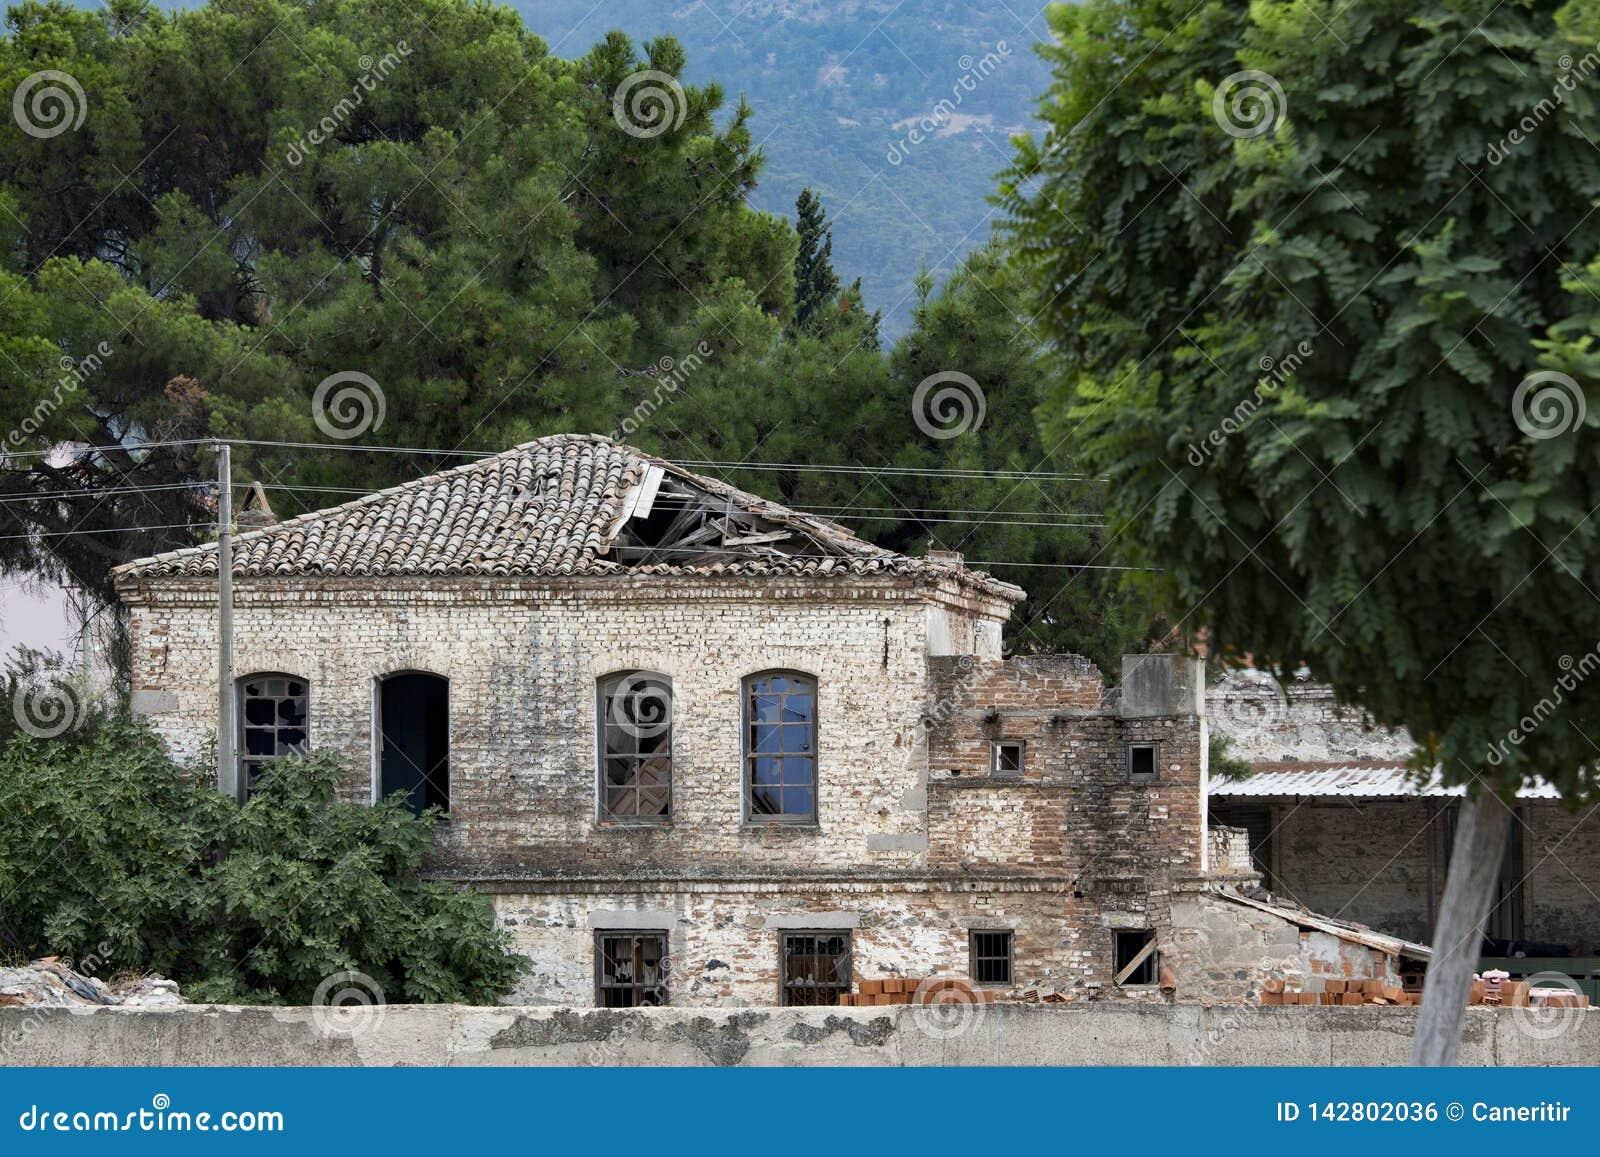 古色古香的建筑学,历史大厦,古色古香的窗口,古色古香的门,窗口视图,门视图,古色古香的大厦facede,historyc